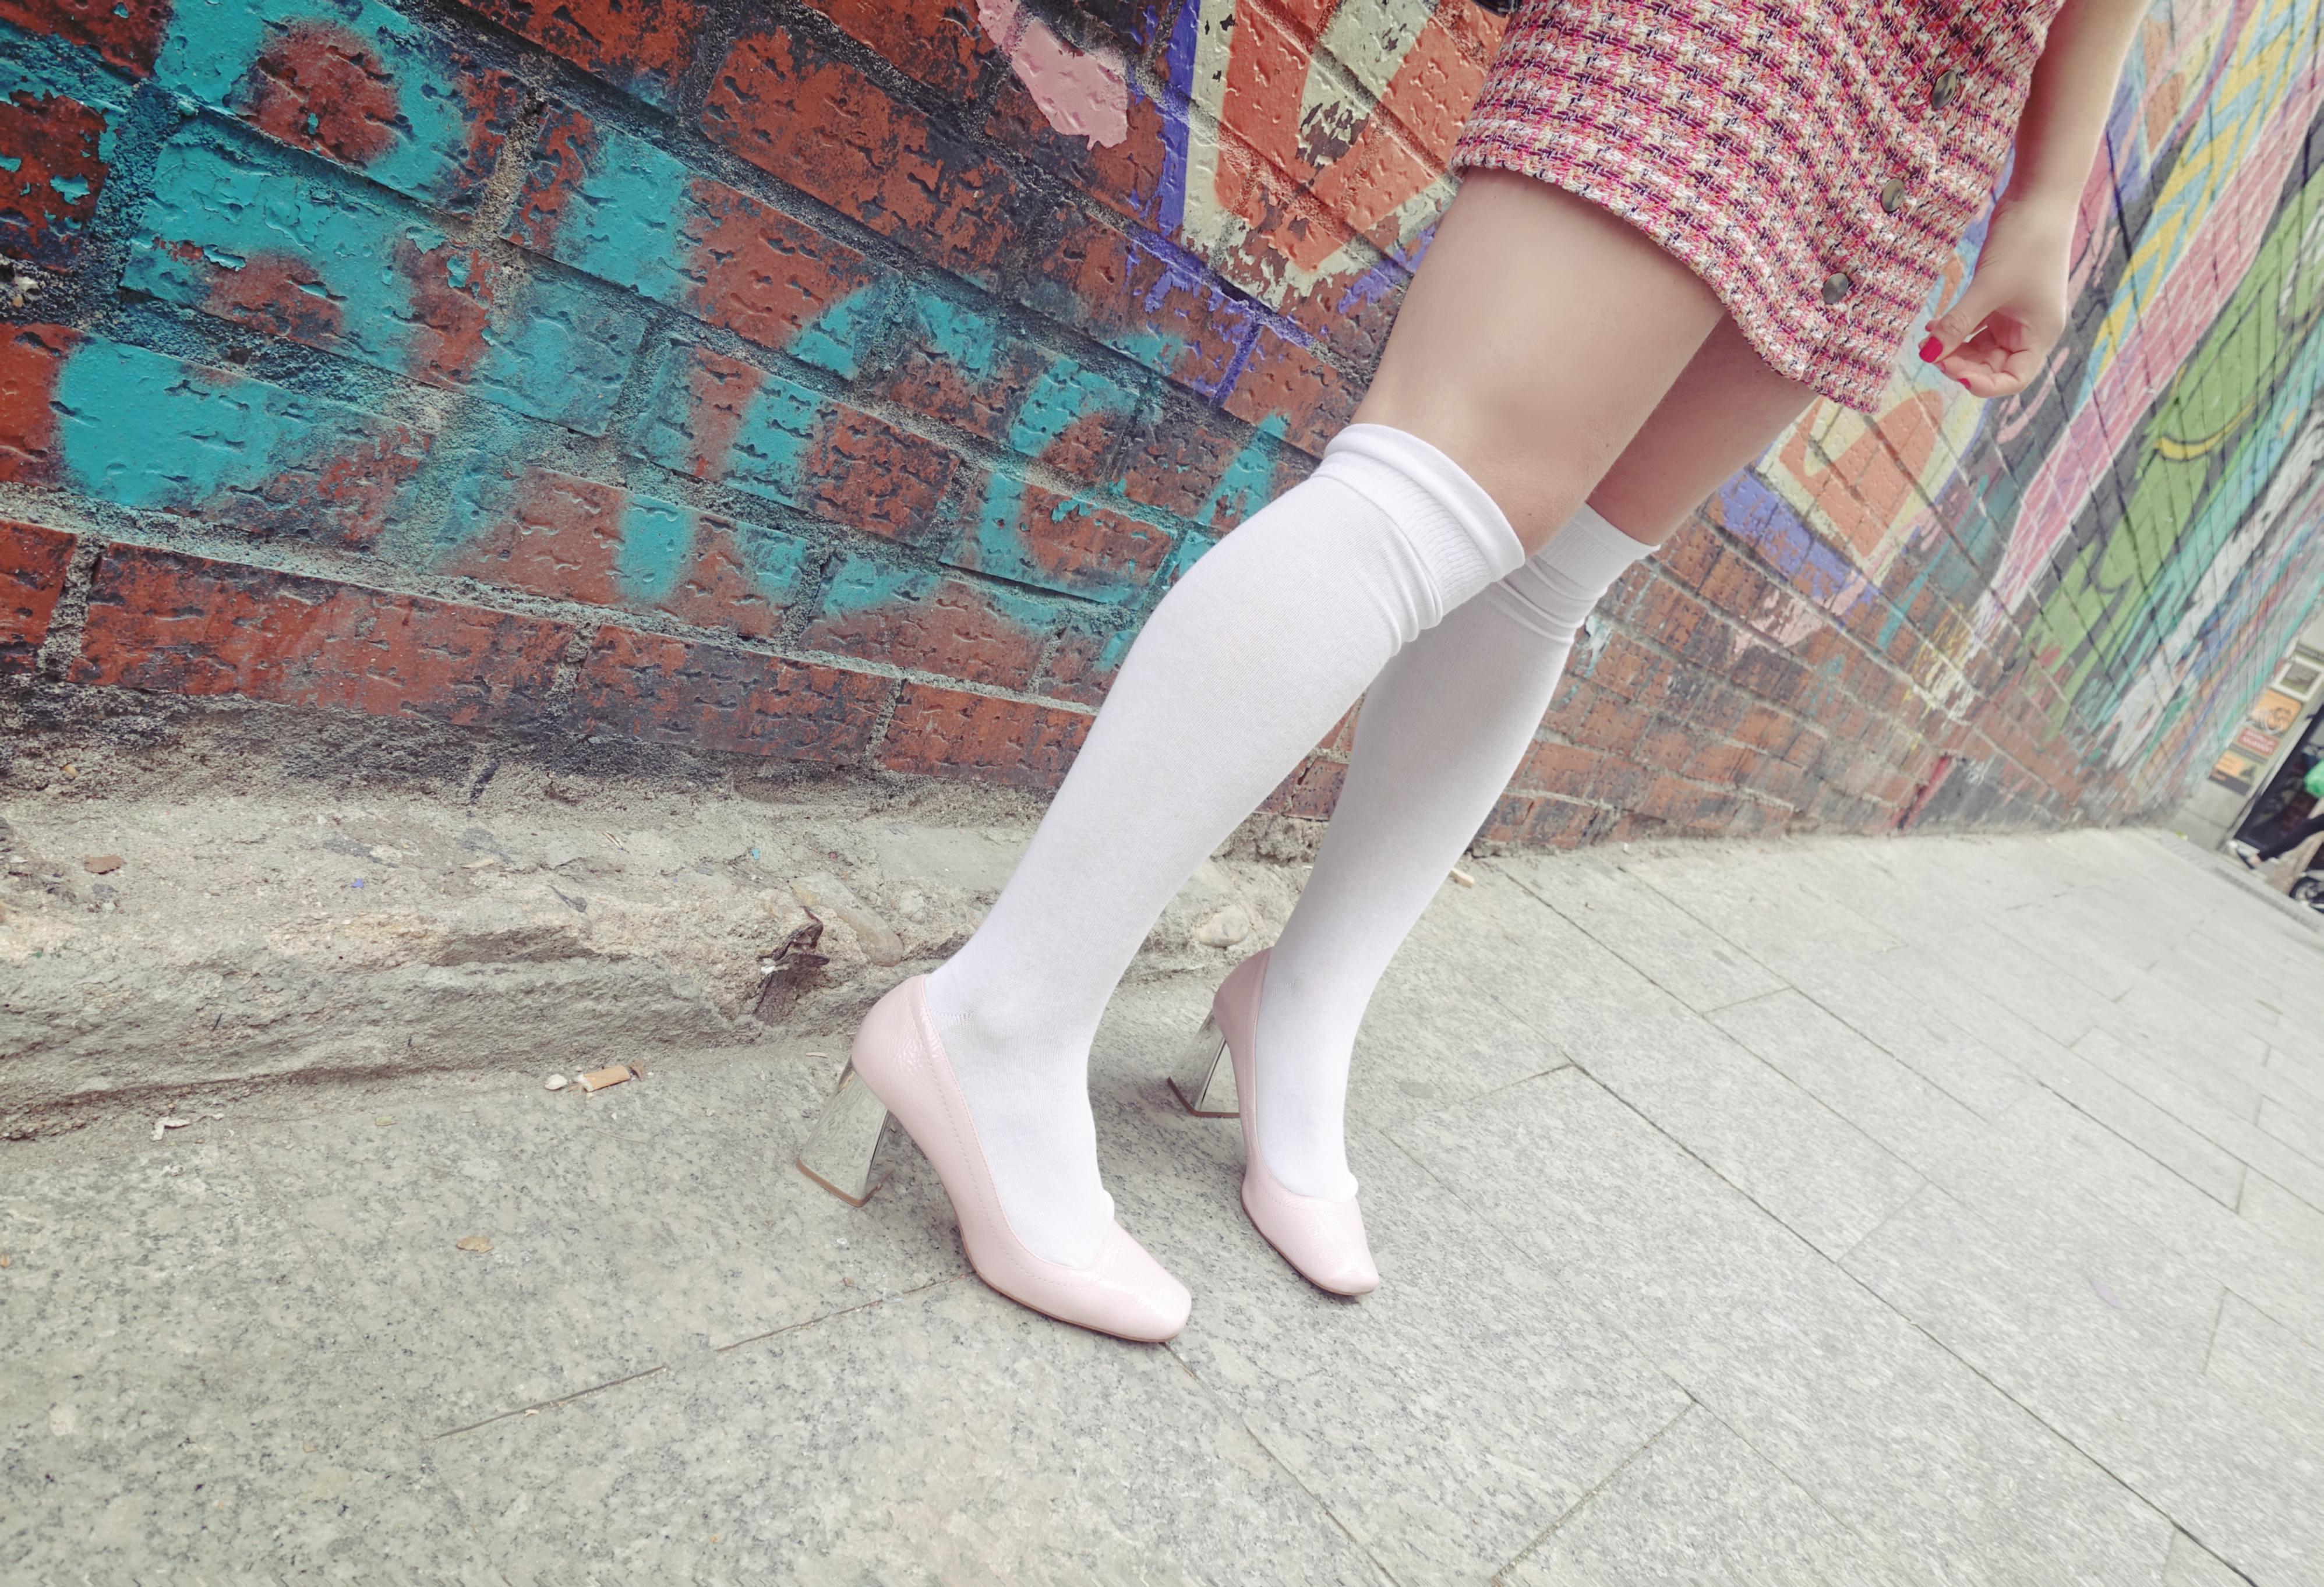 Look-rosa-ChicAdicta-blog-de-moda-Chic-adicta-PiensaenChic-influencer-zapatos-retro-Piensa-en-Chic